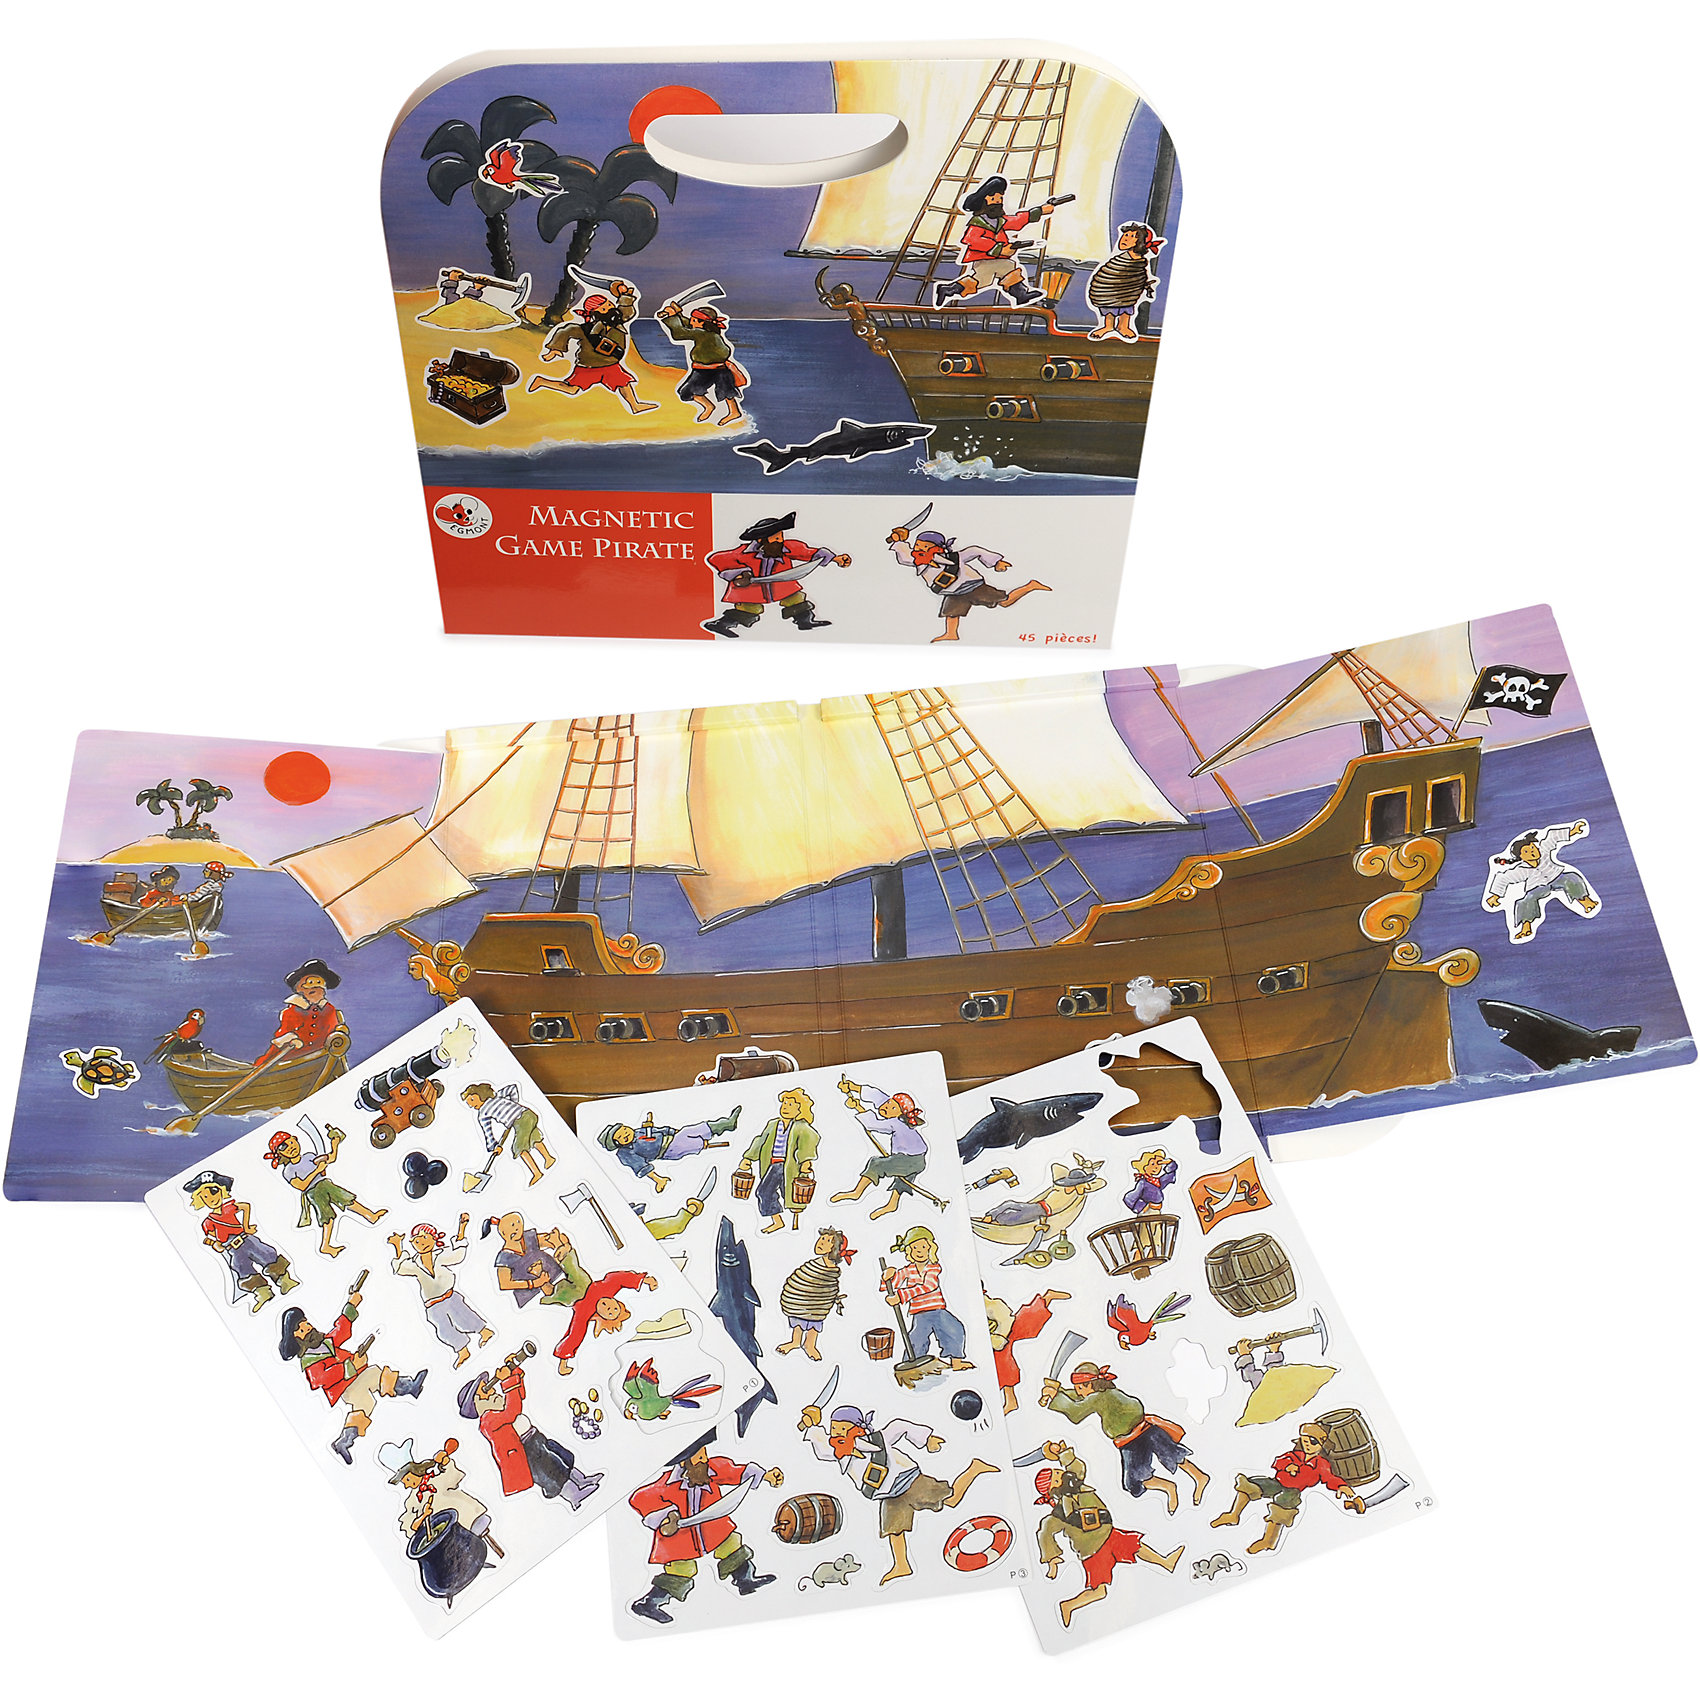 Магнитная игра Пиратский корабль, Egmont ToysИгры для развлечений<br>Характеристики:<br><br>• возраст: от 3-х лет;<br>• материал: картон, магнит;<br>• комплектация: магнитная книжка-основа, 45 деталей;<br>• размер игры в развёрнутом виде: 25х67,5 см;<br>• вес: 400 г;<br>• размер упаковки: 25х24х1 см;<br><br>Магнитная игра  «Пиратский корабль», Egmont Toys – это набор магнитных элементов, предназначенный для сюжетно-ролевых и обучающих игр. Набор также можно использовать в качестве настольной игры.<br><br>Набор состоит из картонной книжки-основы, на которую нанесено изображение большого пиратского корабля, дрейфующего по морским волнам. К основе прилагаются элементы с изображением морской и пиратской тематики.<br><br>Магнитная игра  «Пиратский корабль», Egmont Toys – это целое методическое пособие, которое позволит в легкой игровой форме познакомить ребенка историческими фактами и реалиями о морских пиратах. Набор имеет множество вариантов игр. <br><br>Магнитную игру  «Пиратский корабль», Egmont Toys можно купить в нашем интернет-магазине.<br><br>Ширина мм: 250<br>Глубина мм: 240<br>Высота мм: 10<br>Вес г: 400<br>Возраст от месяцев: 36<br>Возраст до месяцев: 2147483647<br>Пол: Мужской<br>Возраст: Детский<br>SKU: 5544494